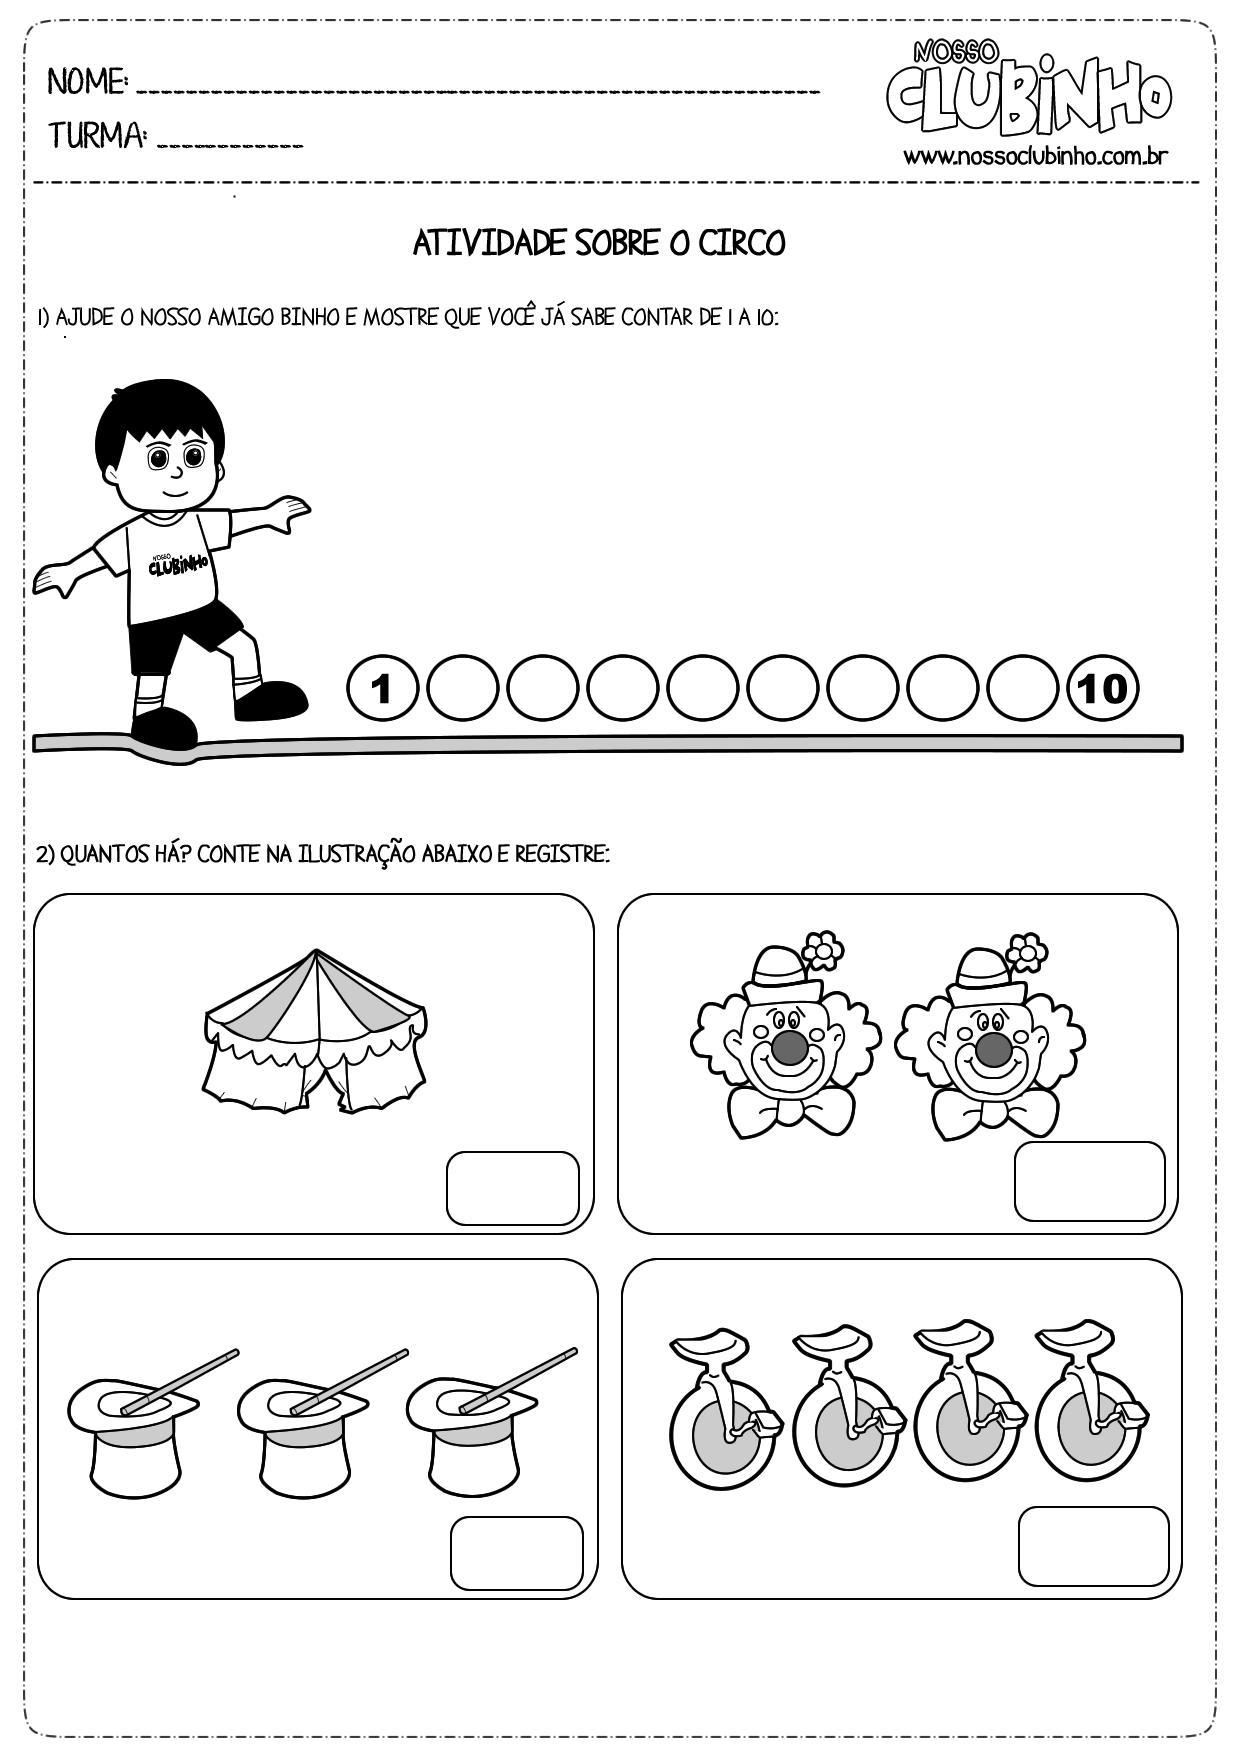 Populares Atividades de matemática: Dia do Circo III - Nosso Clubinho EW42